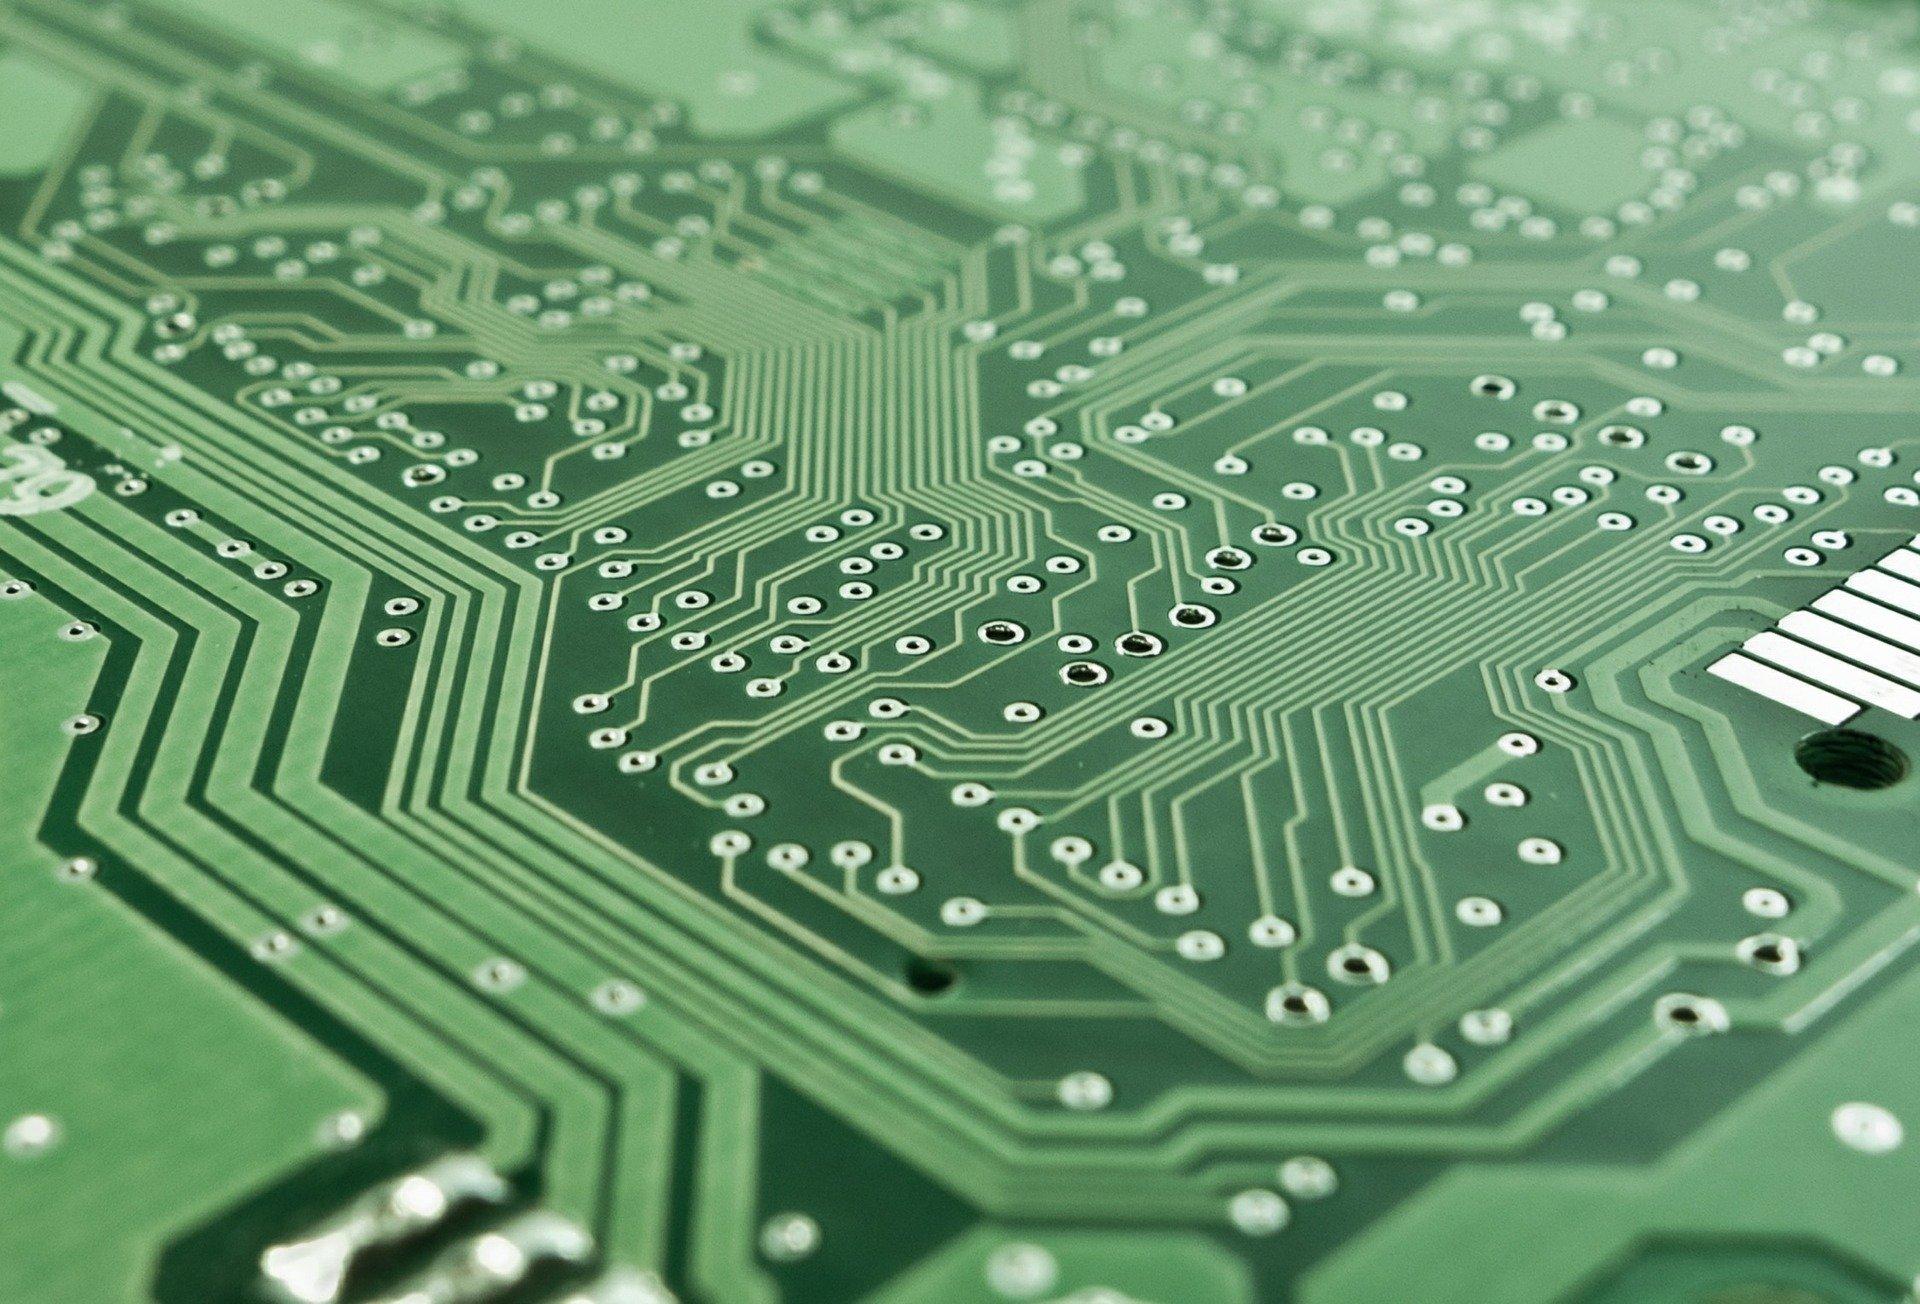 ما هي الهندسة الكهربائية والإلكترونية وأقسامها